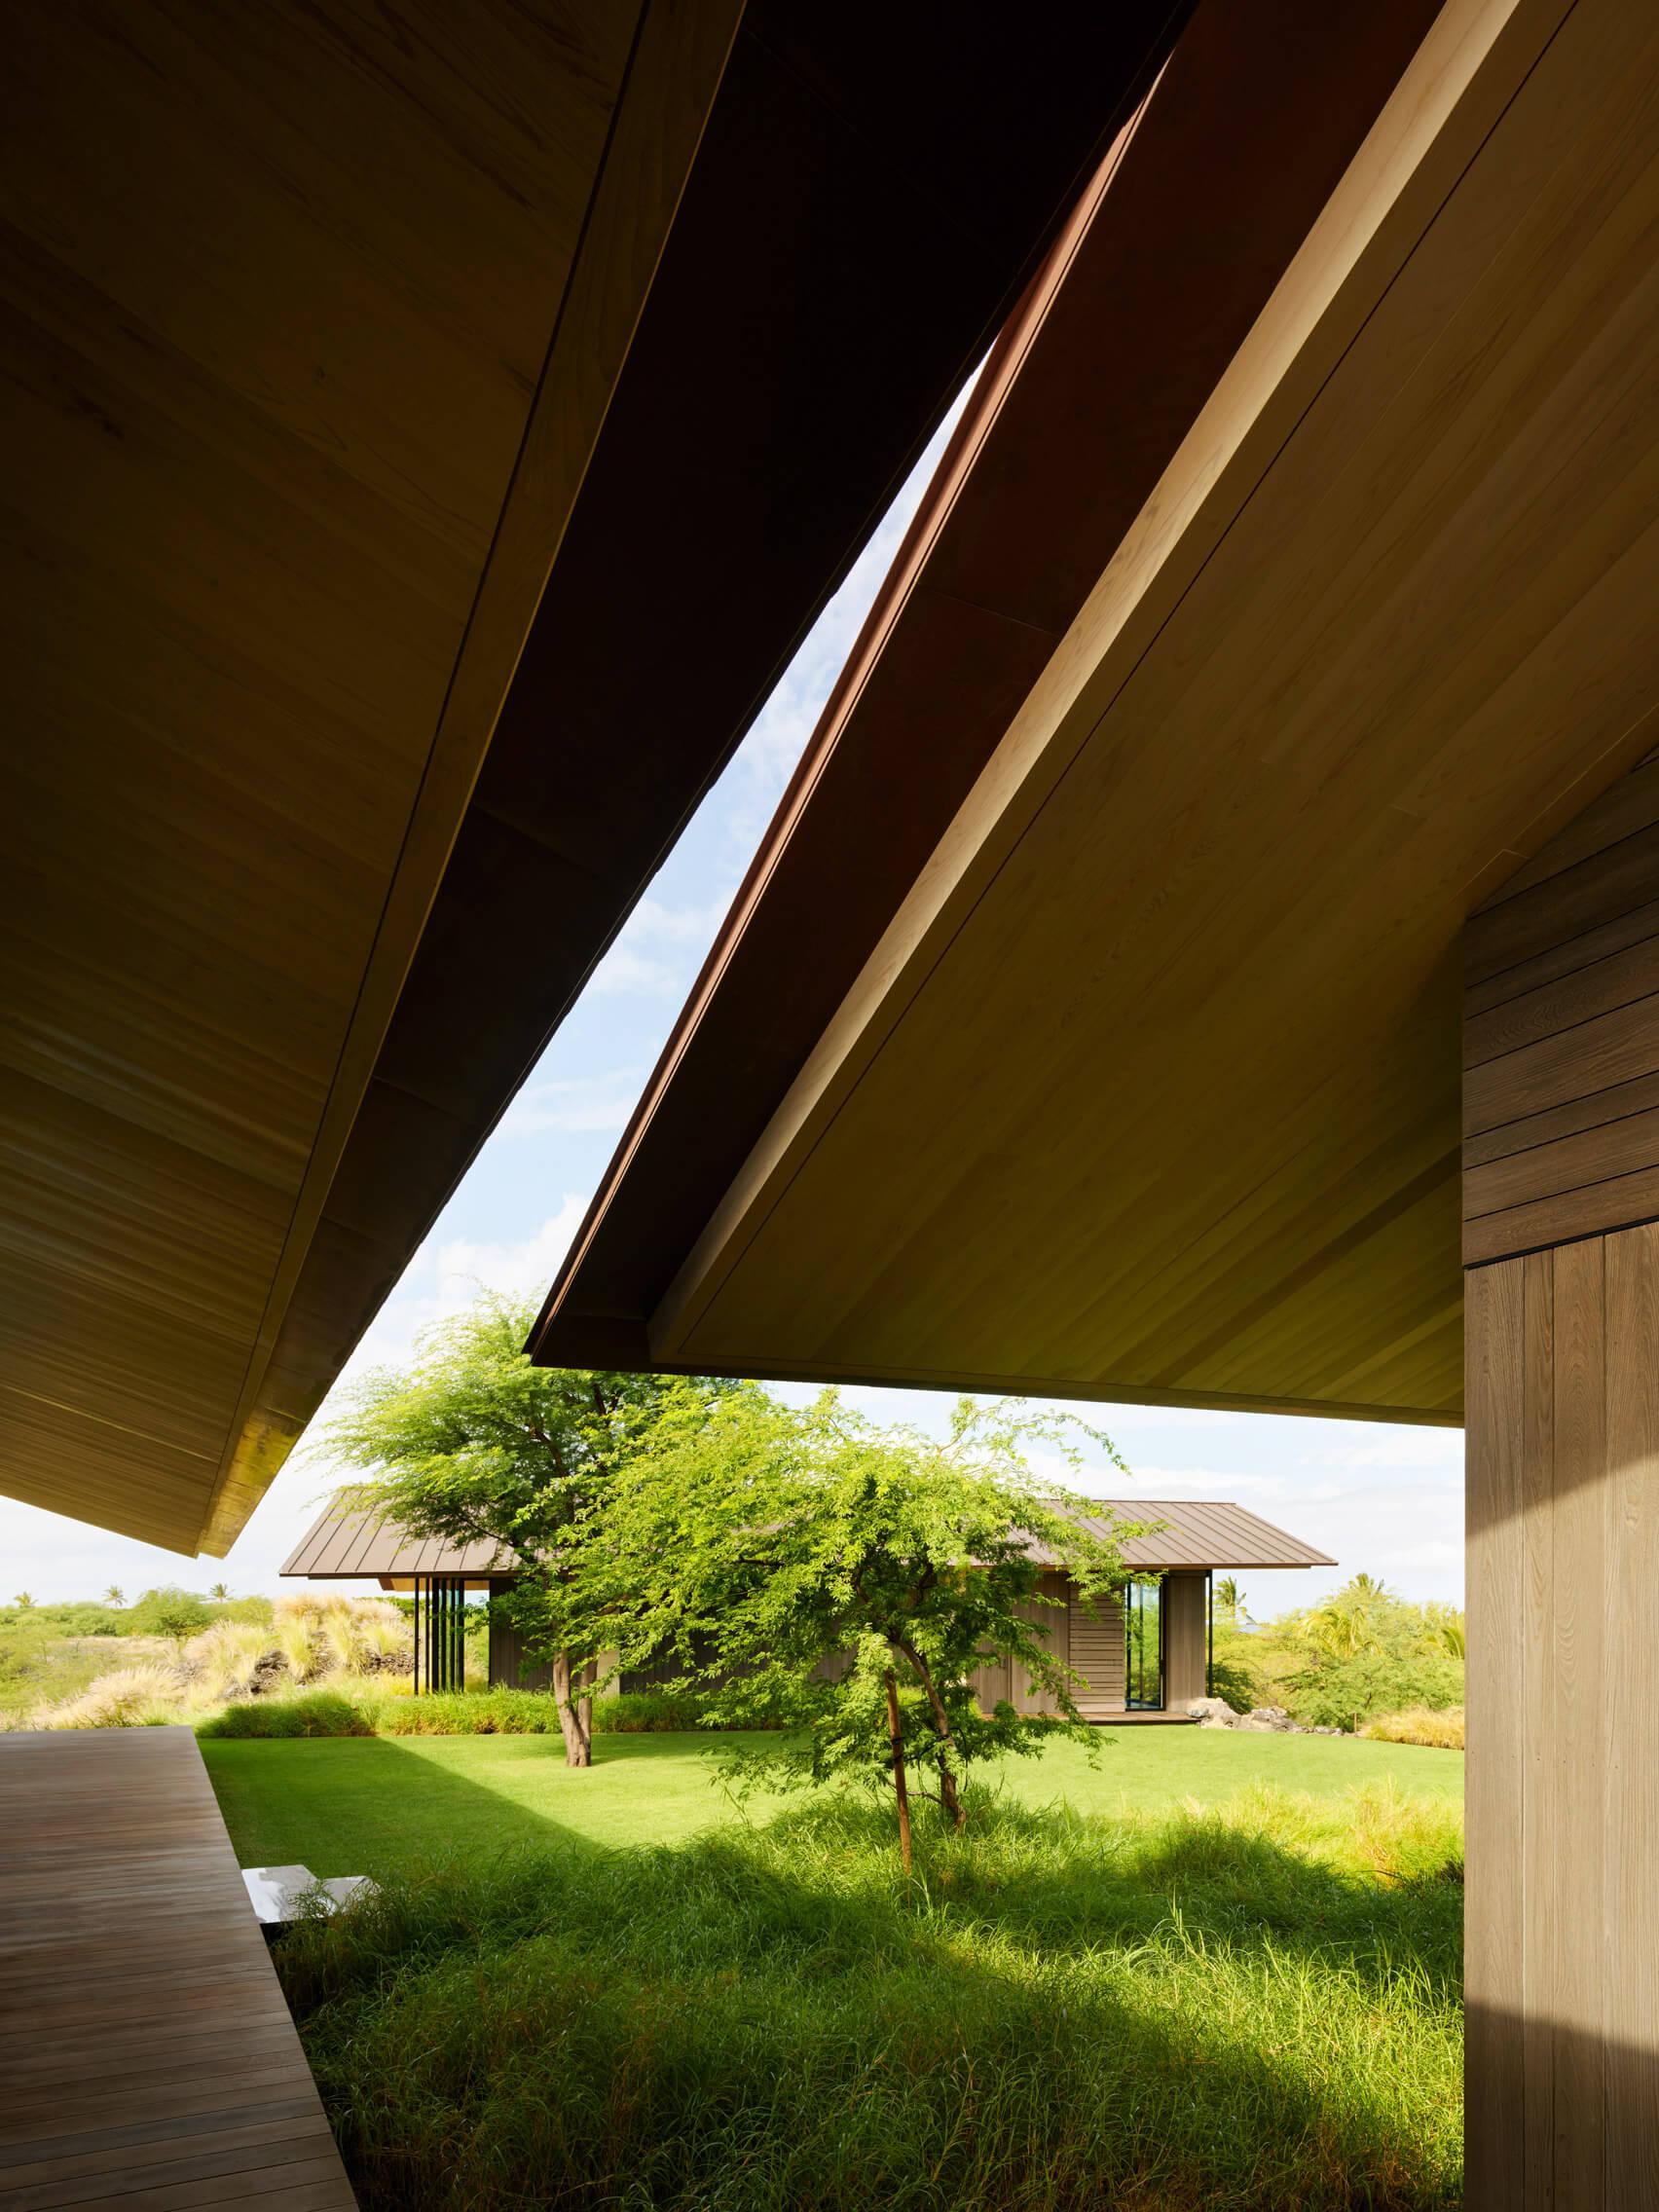 معماران واکر وارنر در چشم انداز هاوایی